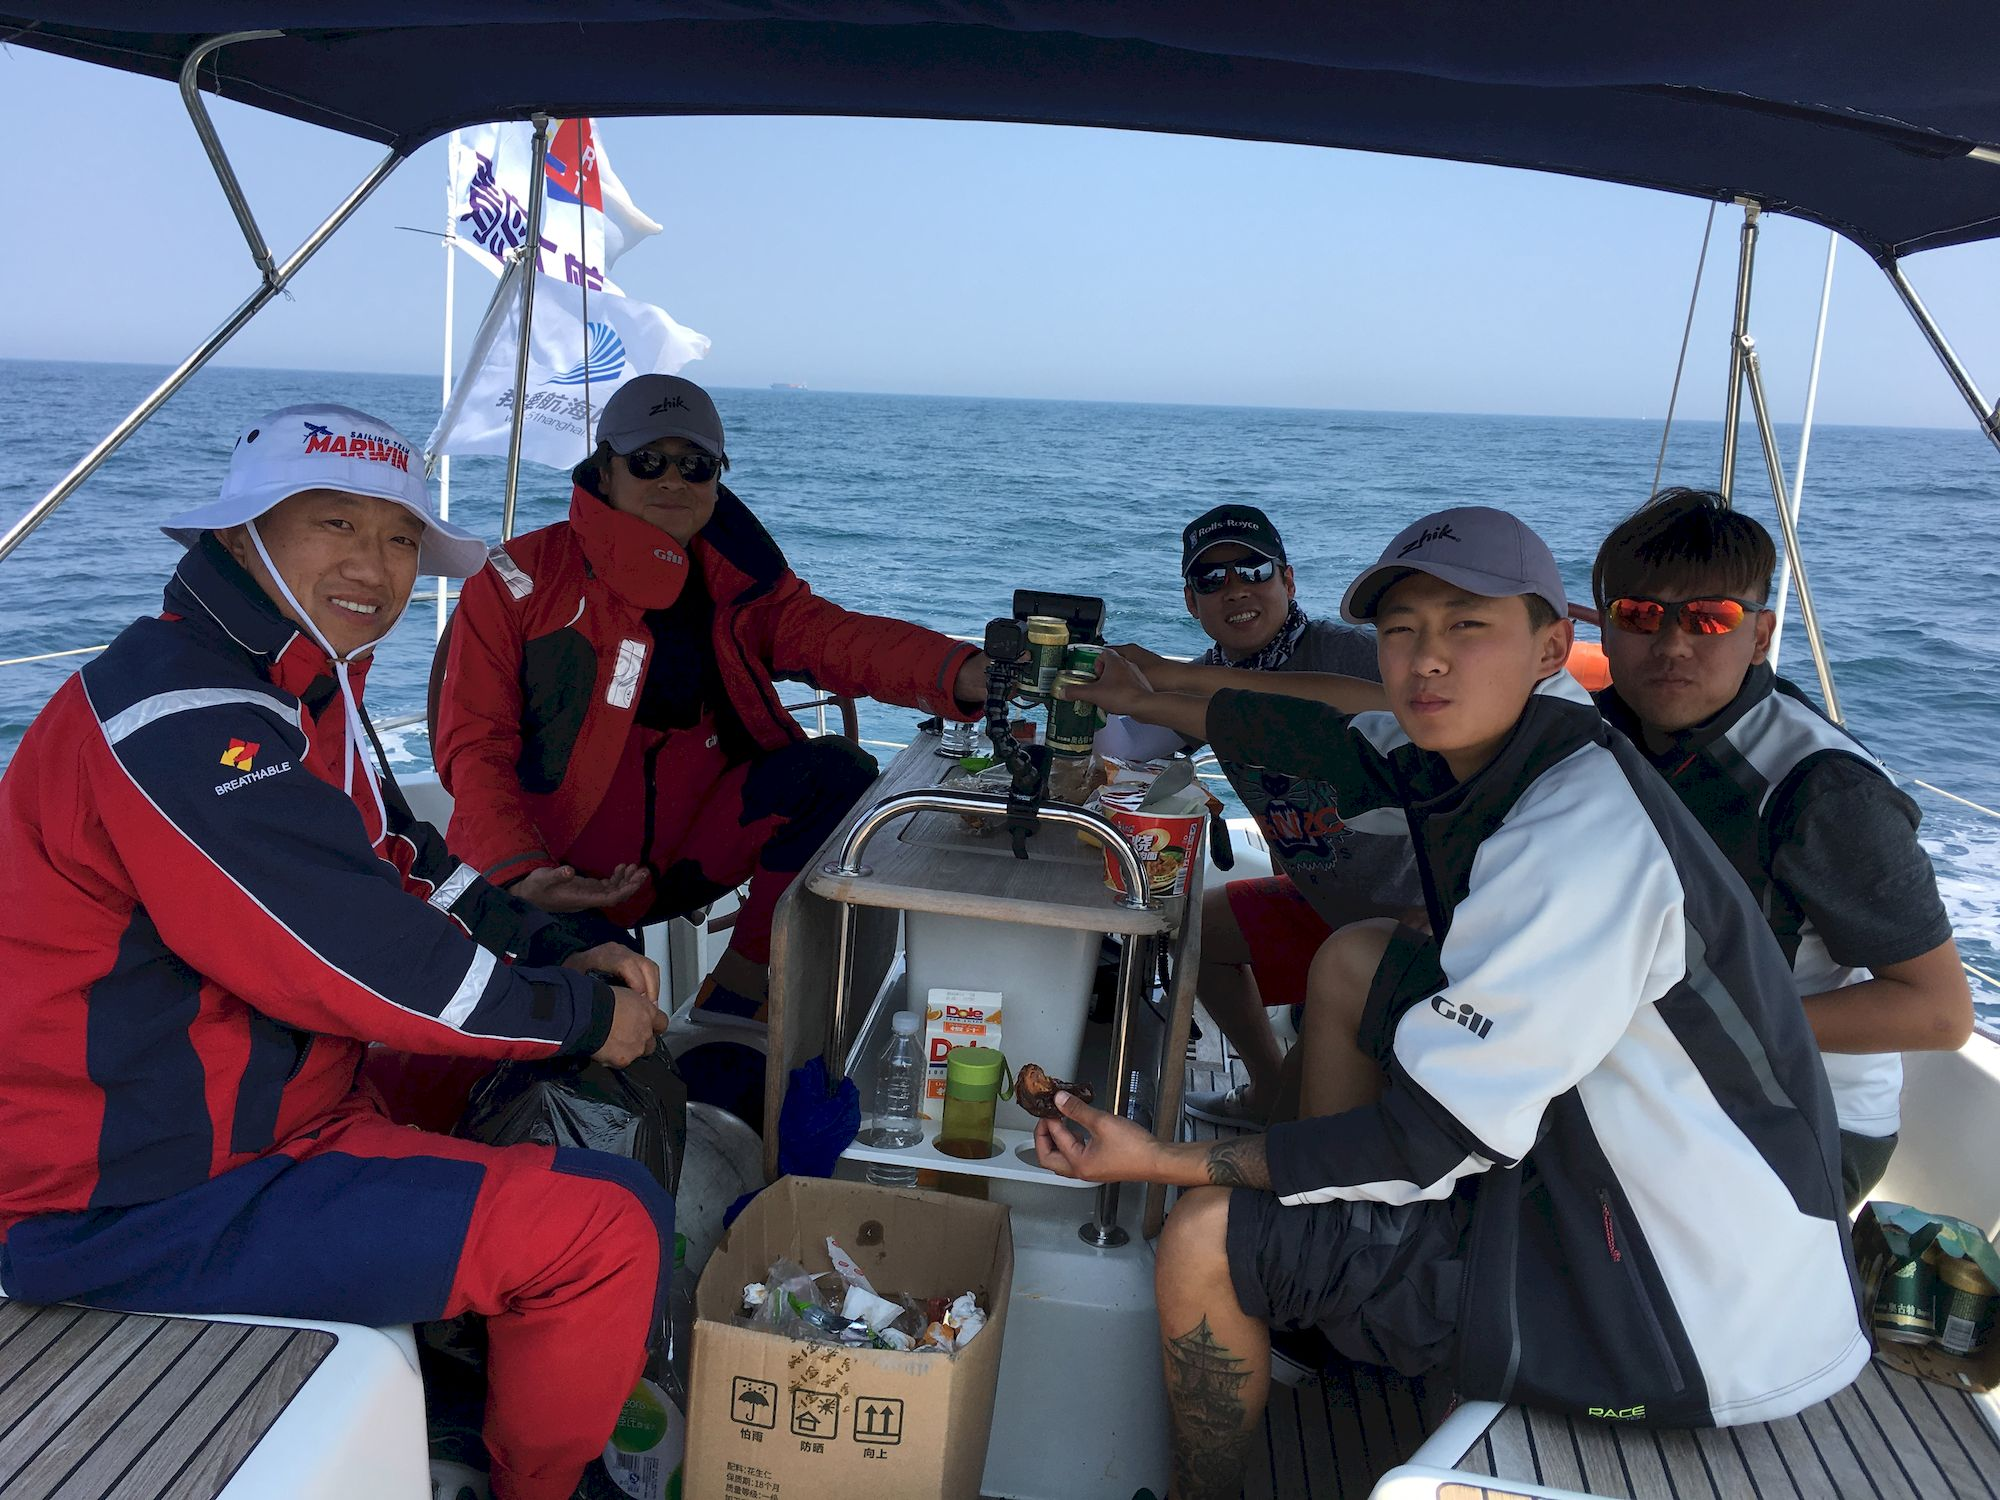 新西兰,跆拳道,俱乐部,拉力赛,青岛 向着太阳升起的地方出发:记第一次跨国远航-千航帆船-51航海网队-2016威海仁川 001b-IMG_2680_千帆俱乐部我要航海网帆船队-2016威海-仁川国际帆船赛.JPG